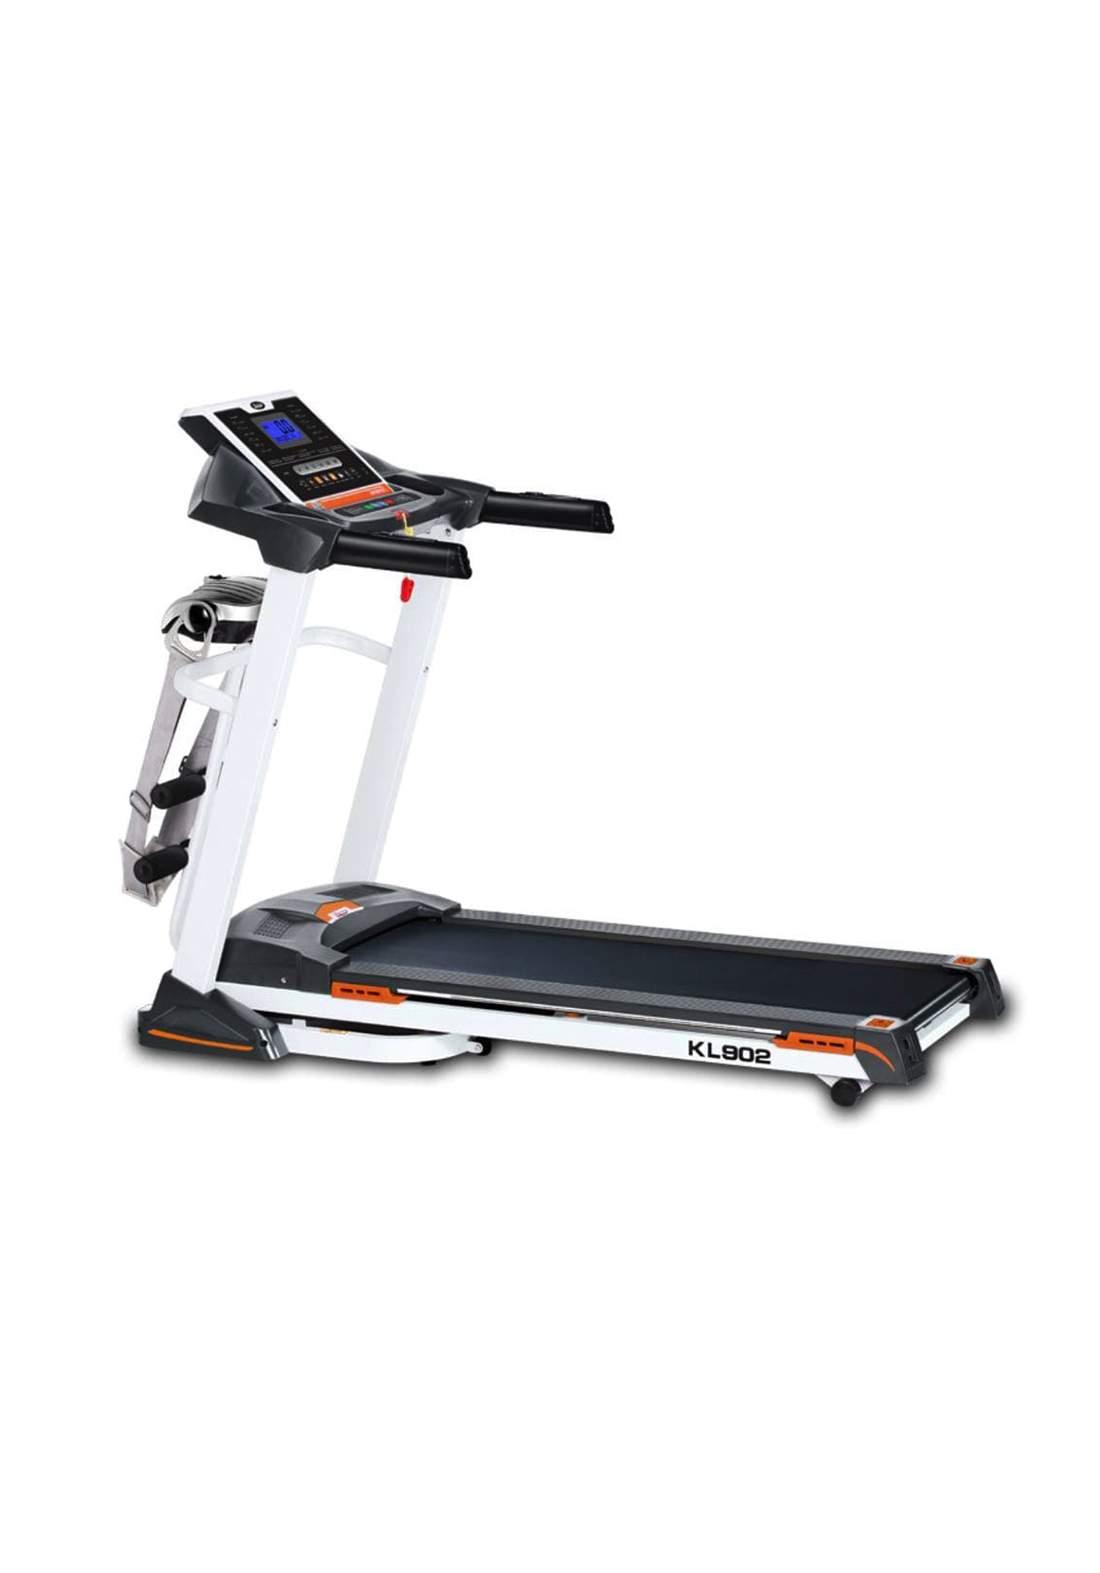 KL902 Treadmill  2 H DC جهاز جري دبل ماطور